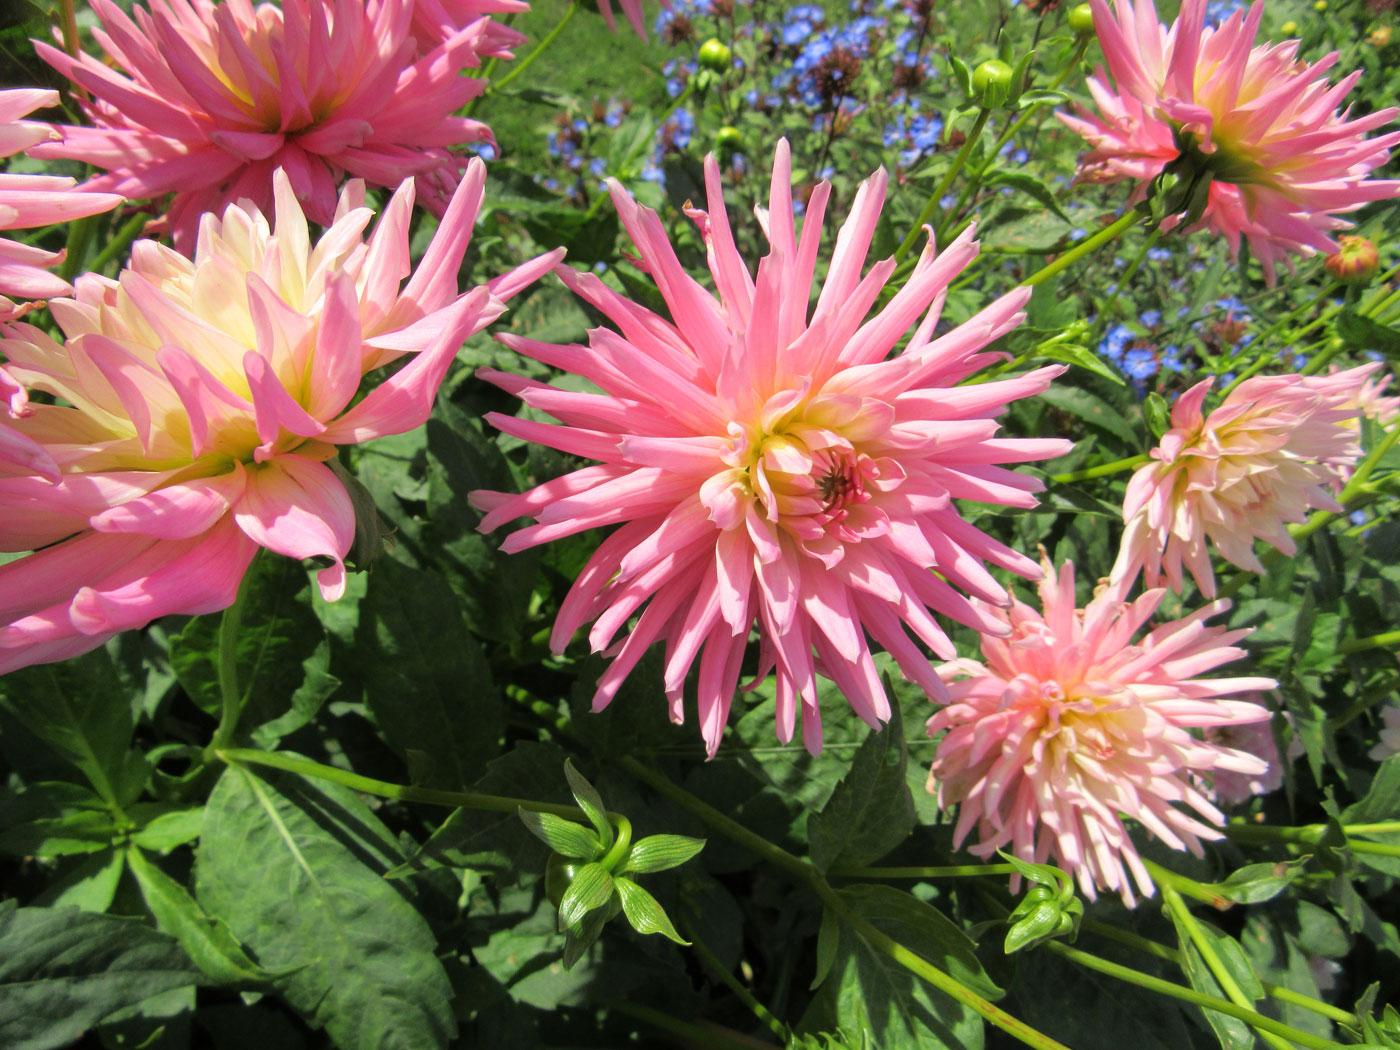 PASHLEY MANOR GARDENS Pink Dahlias By Kate Wilson